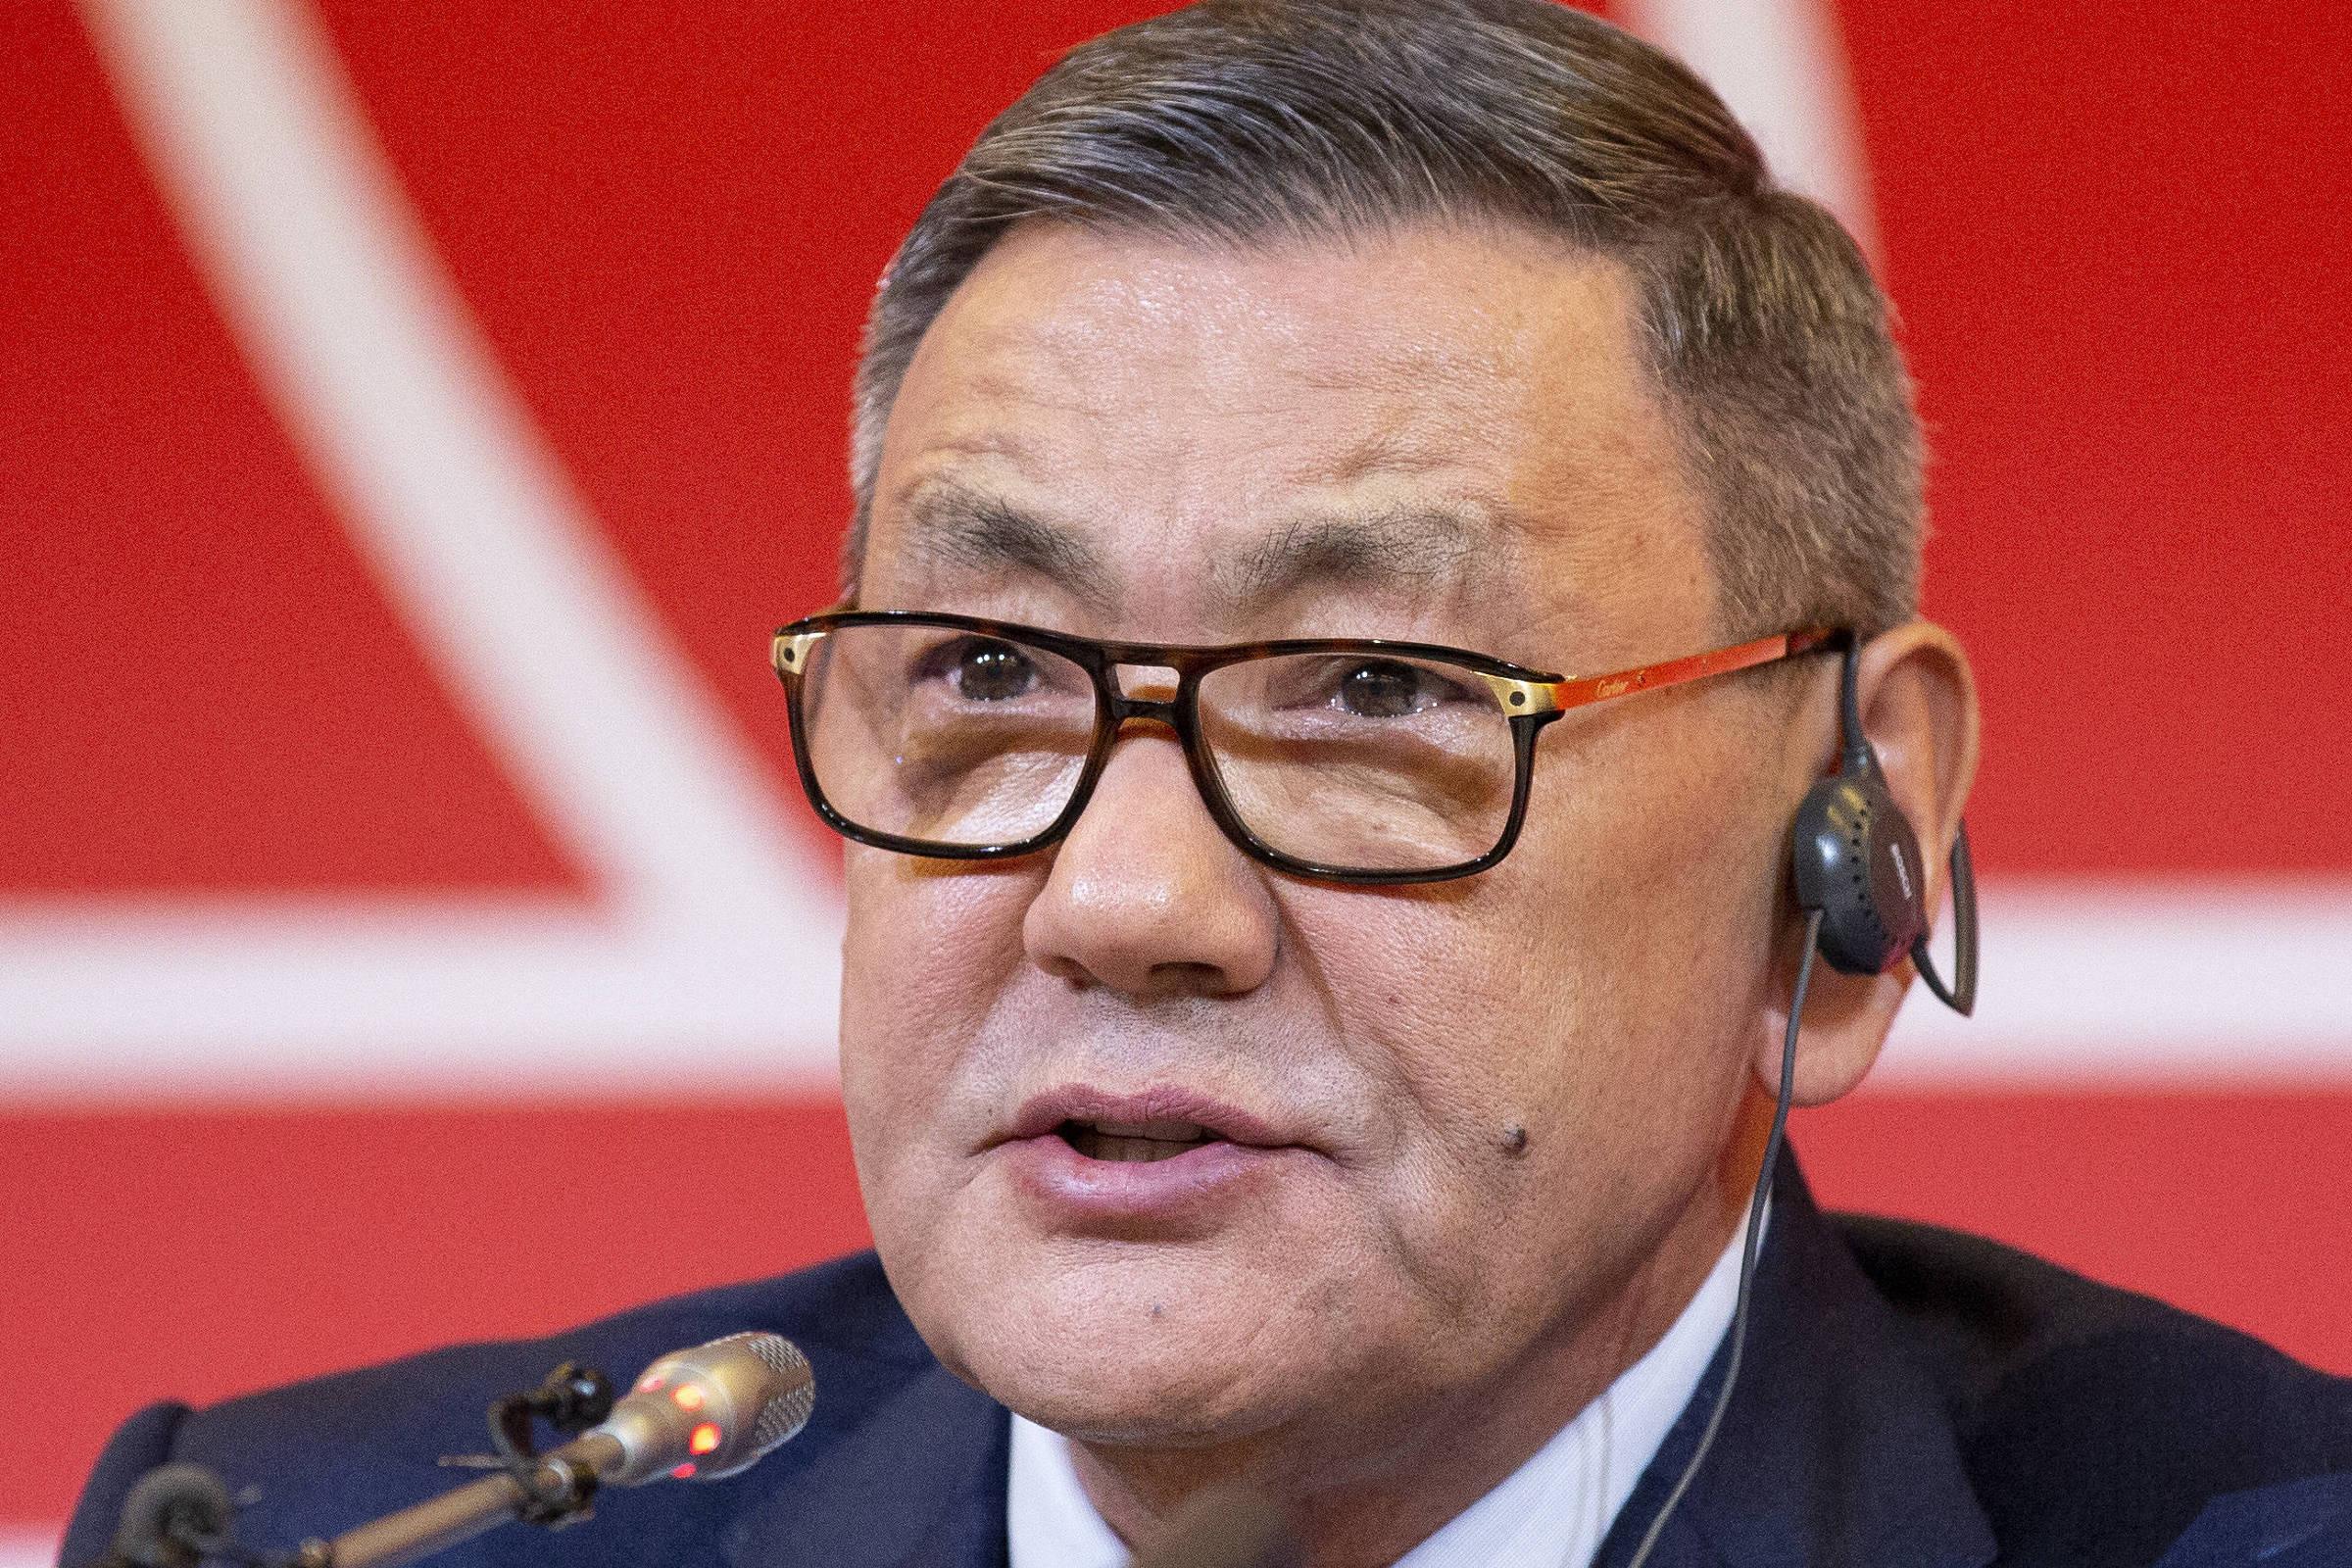 Sob acusações, Rakhimov renuncia oficialmente à presidência da Aiba